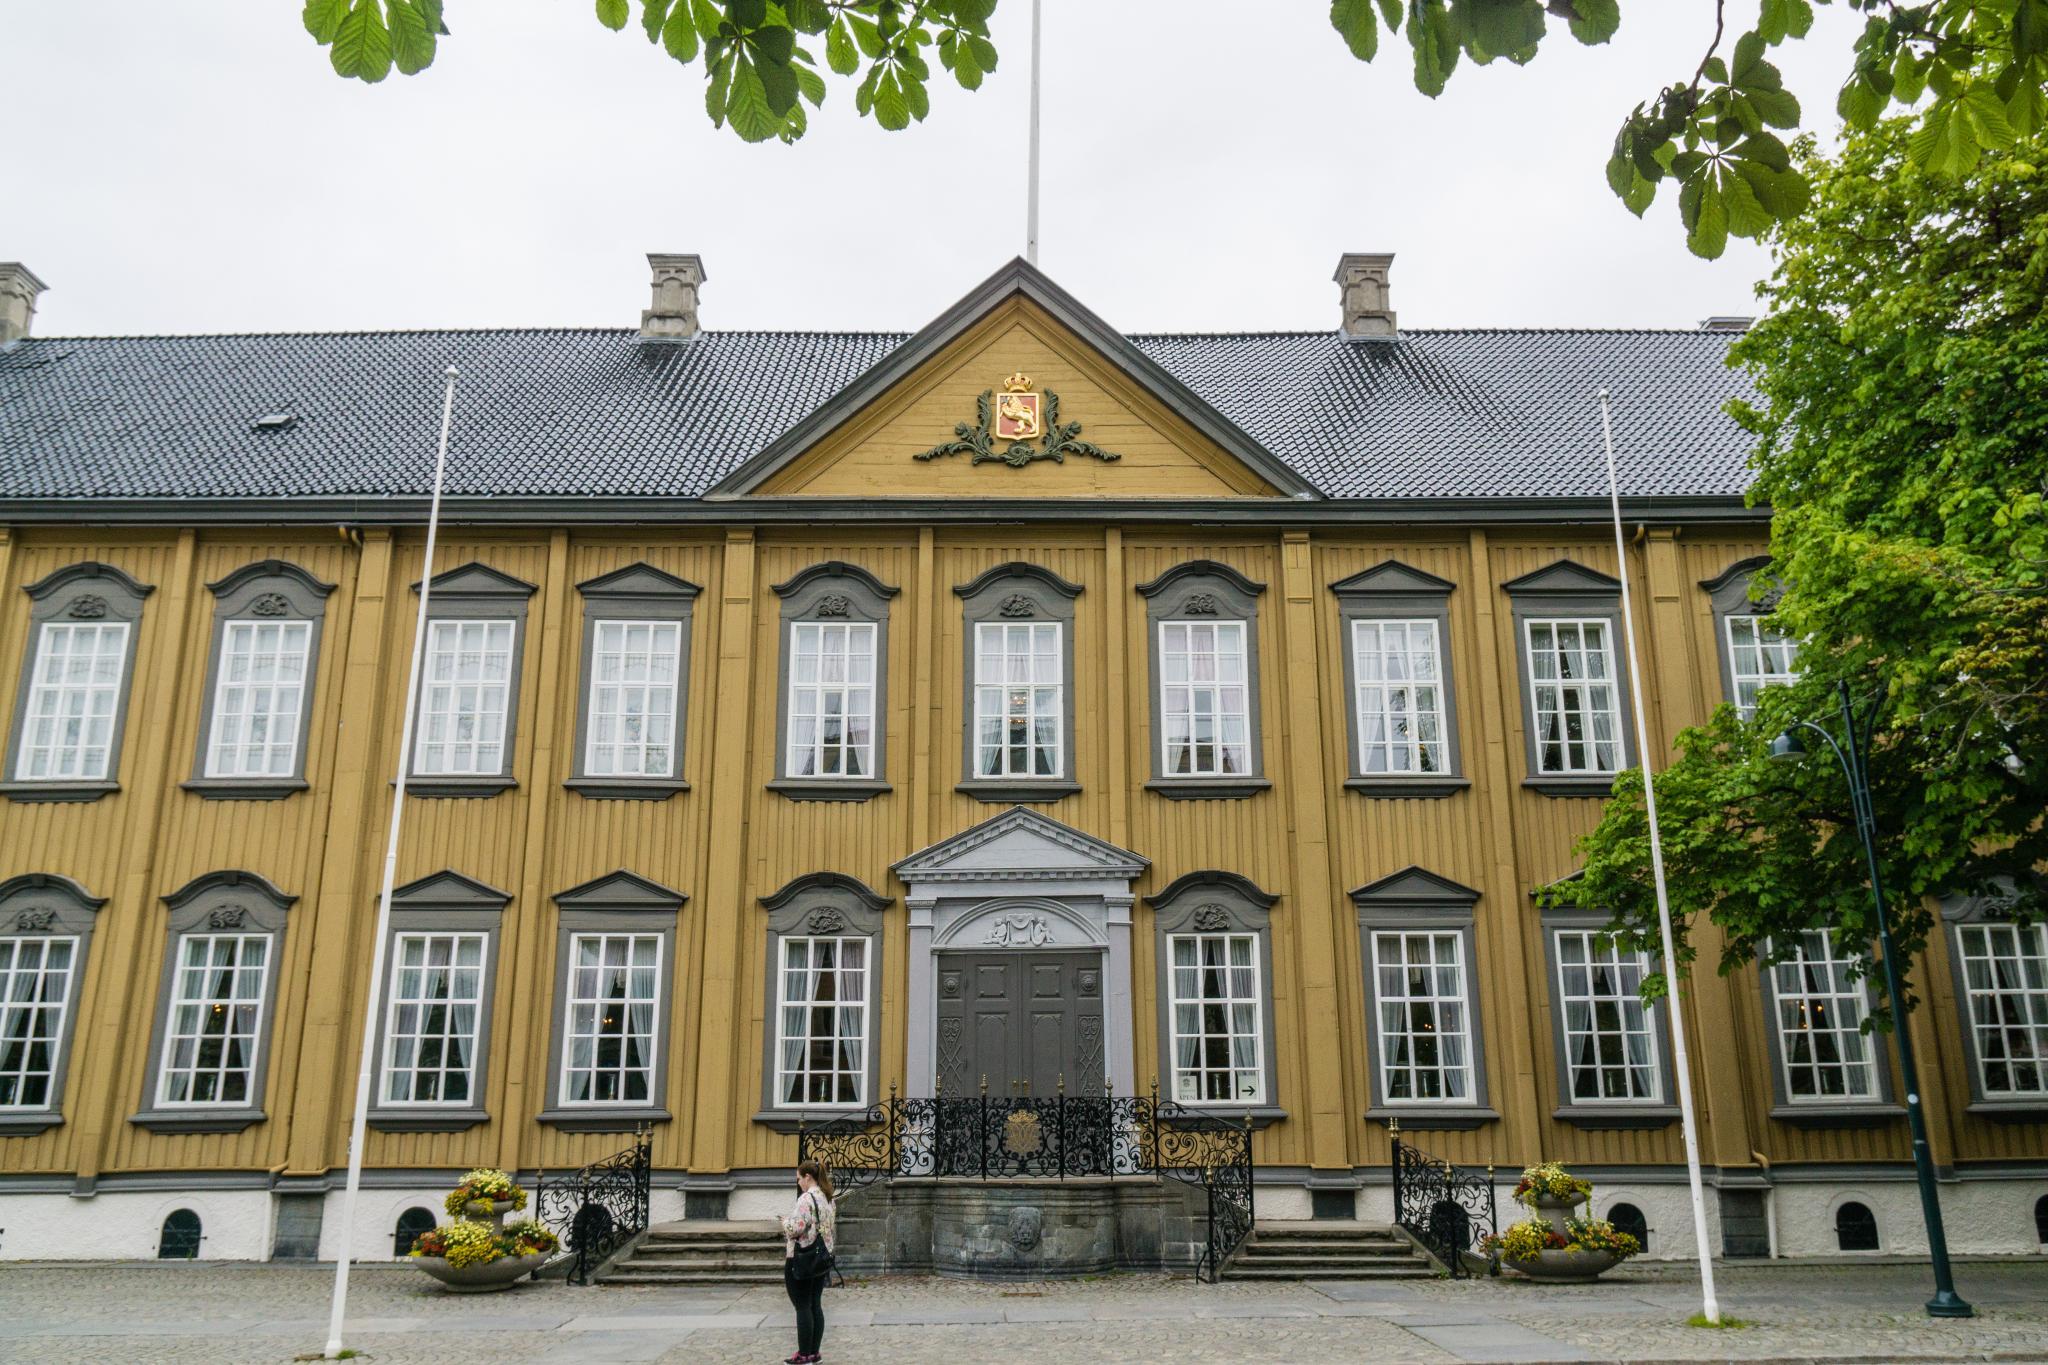 【北歐景點】拜訪維京王的千年古城 - Trondheim 特隆赫姆景點懶人包 31